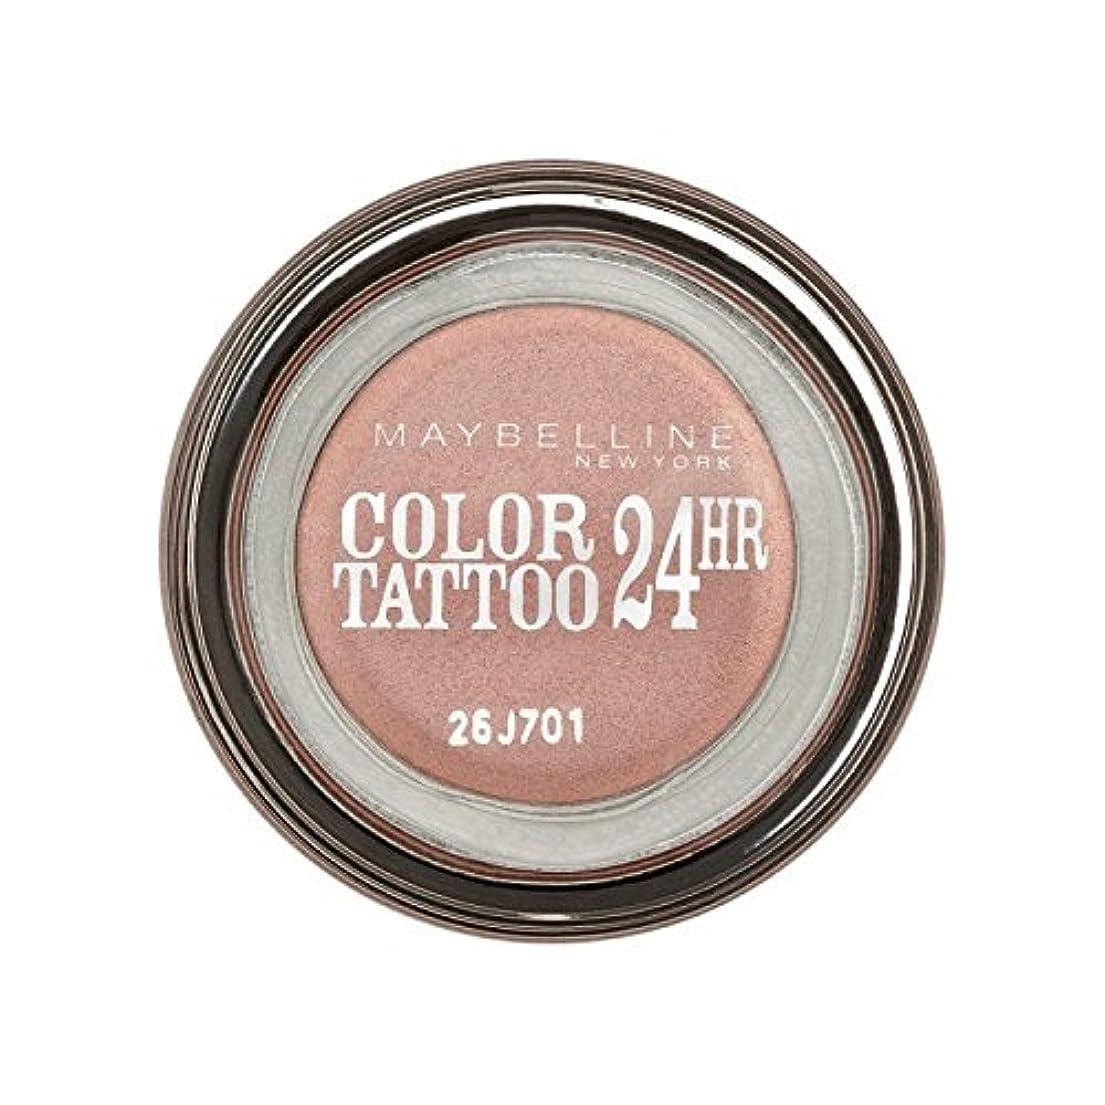 悪質な無駄区メイベリンカラータトゥー24時間アイシャドウ65ピンクゴールド x4 - Maybelline Color Tattoo 24Hr Eyeshadow 65 Pink Gold (Pack of 4) [並行輸入品]